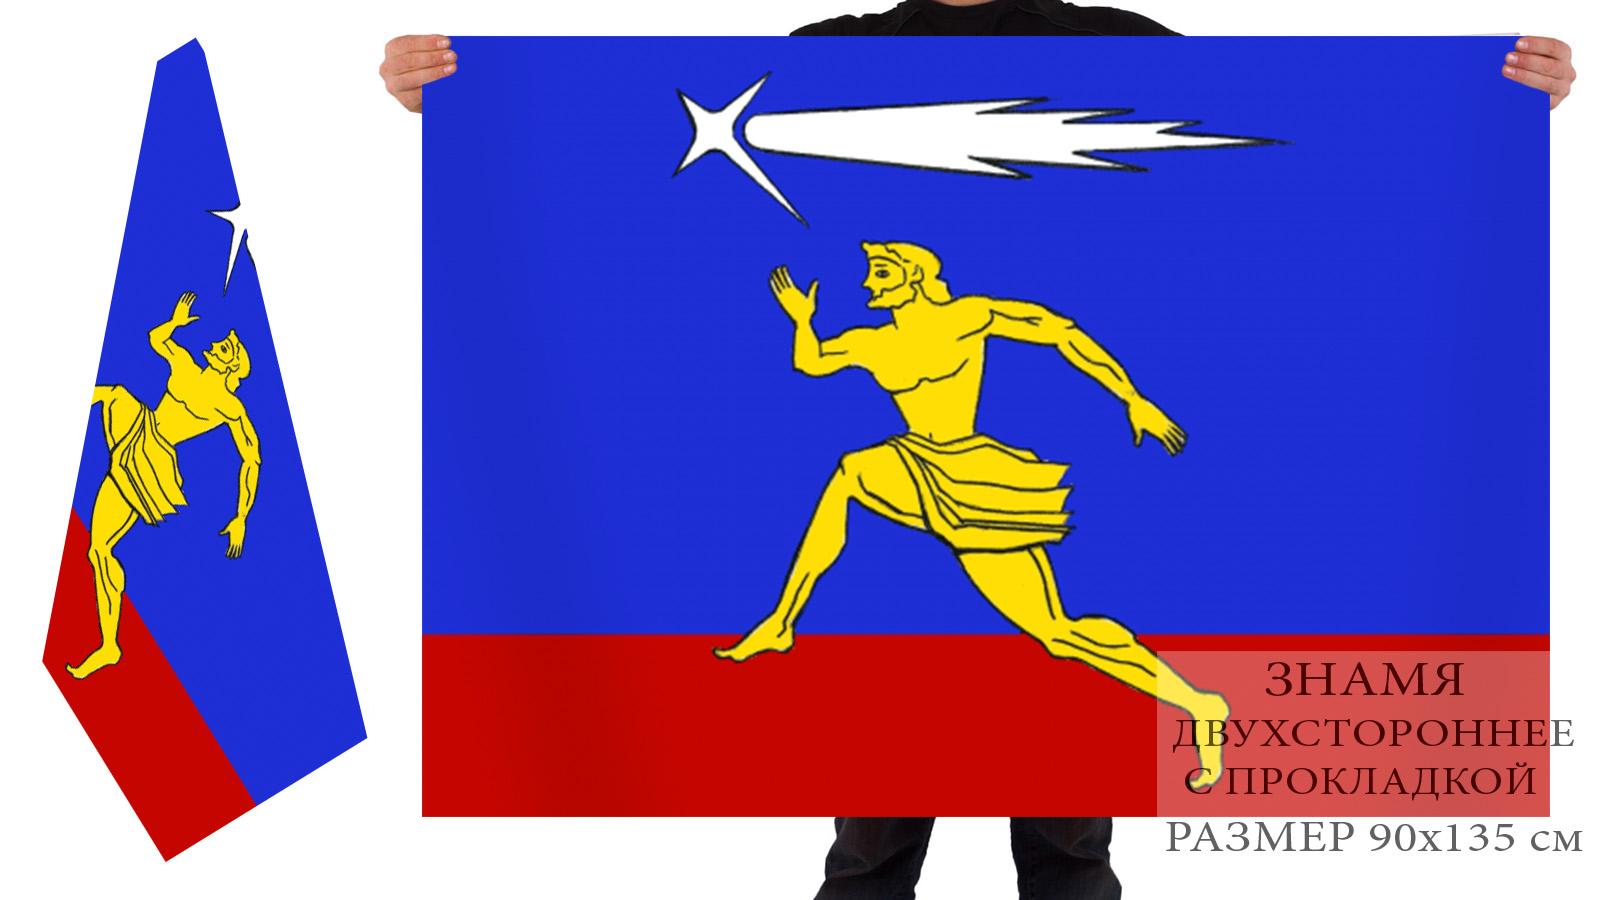 Двусторонний флаг внутригородского муниципального образования муниципальный округ Гагаринское